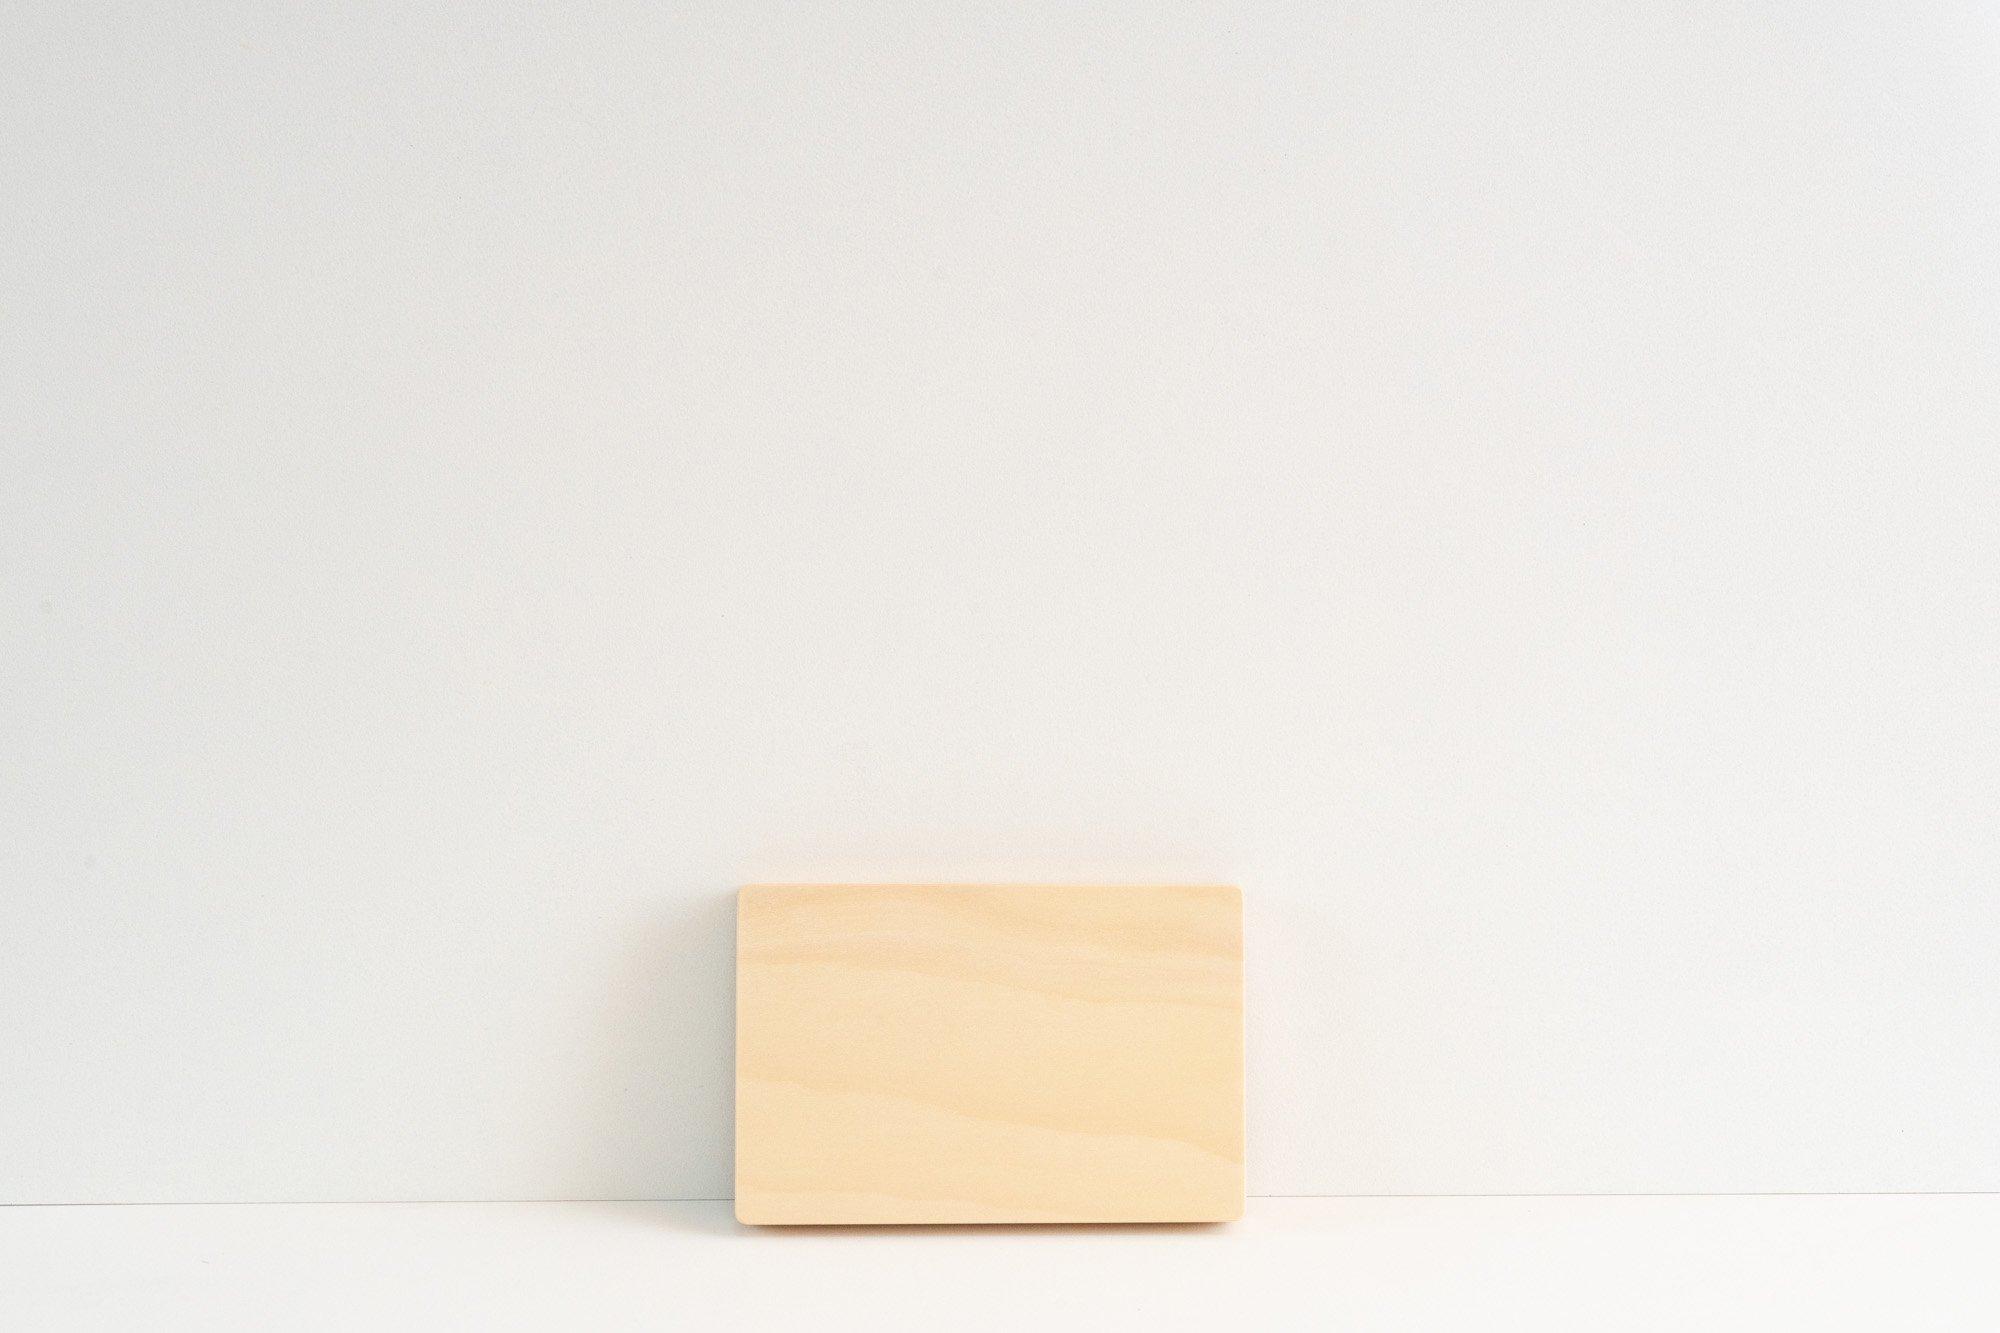 いちょうの木のまな板(ミニ)